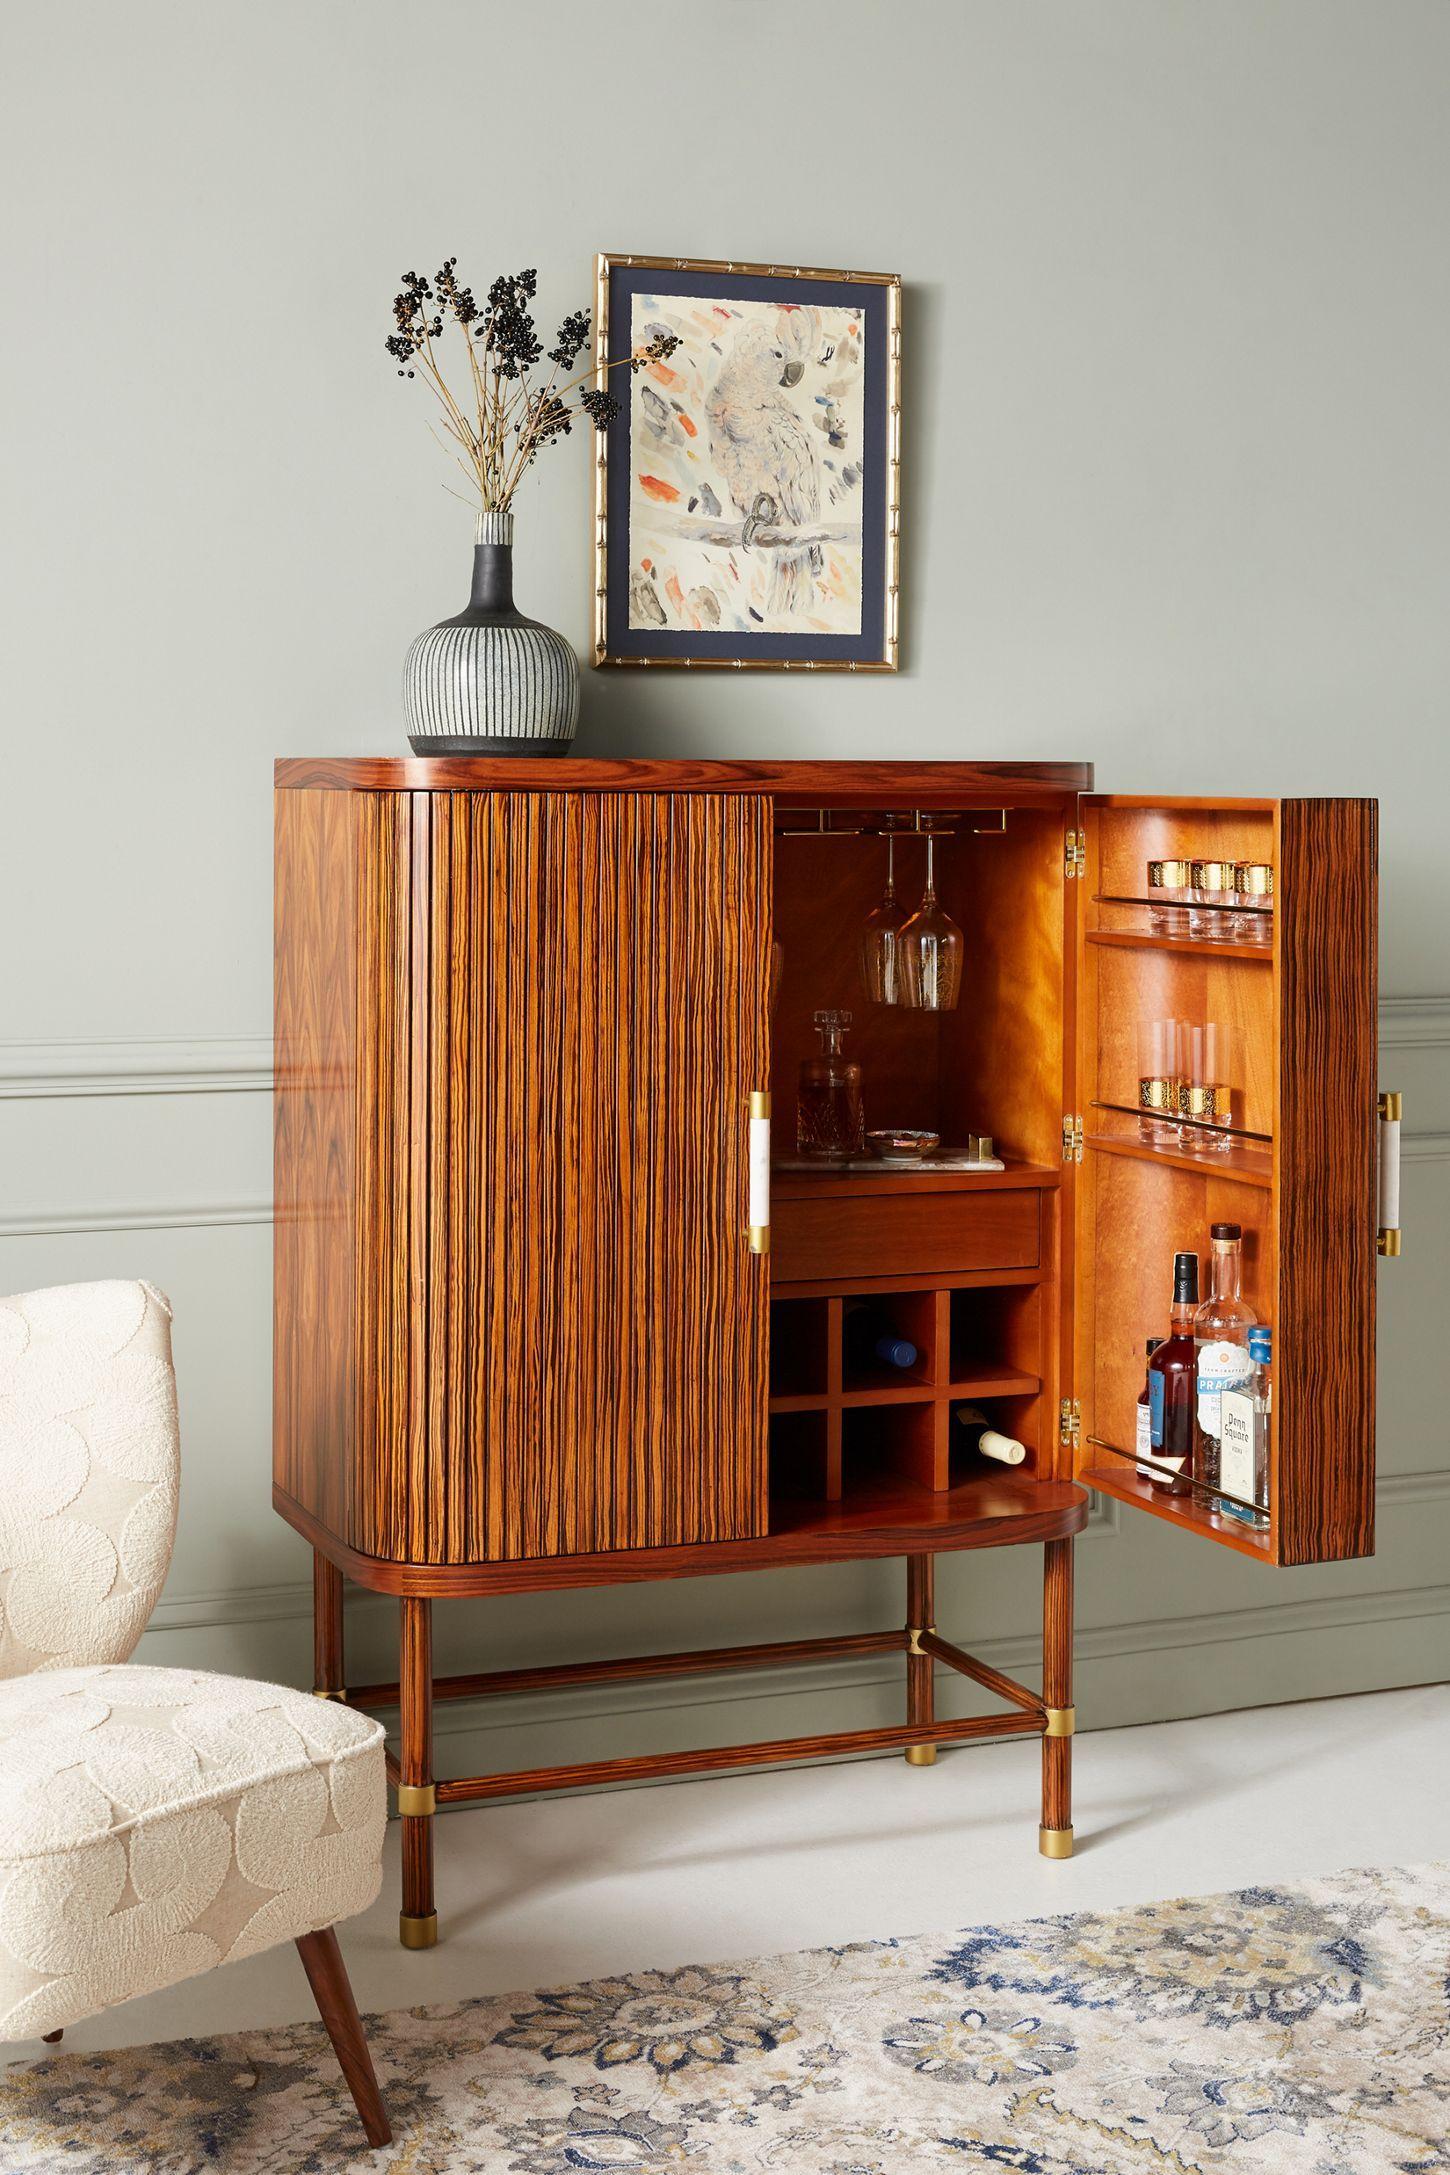 Deluxe Tamboured Bar Cabinet Retro Home Decor Retro Home Home Decor Styles